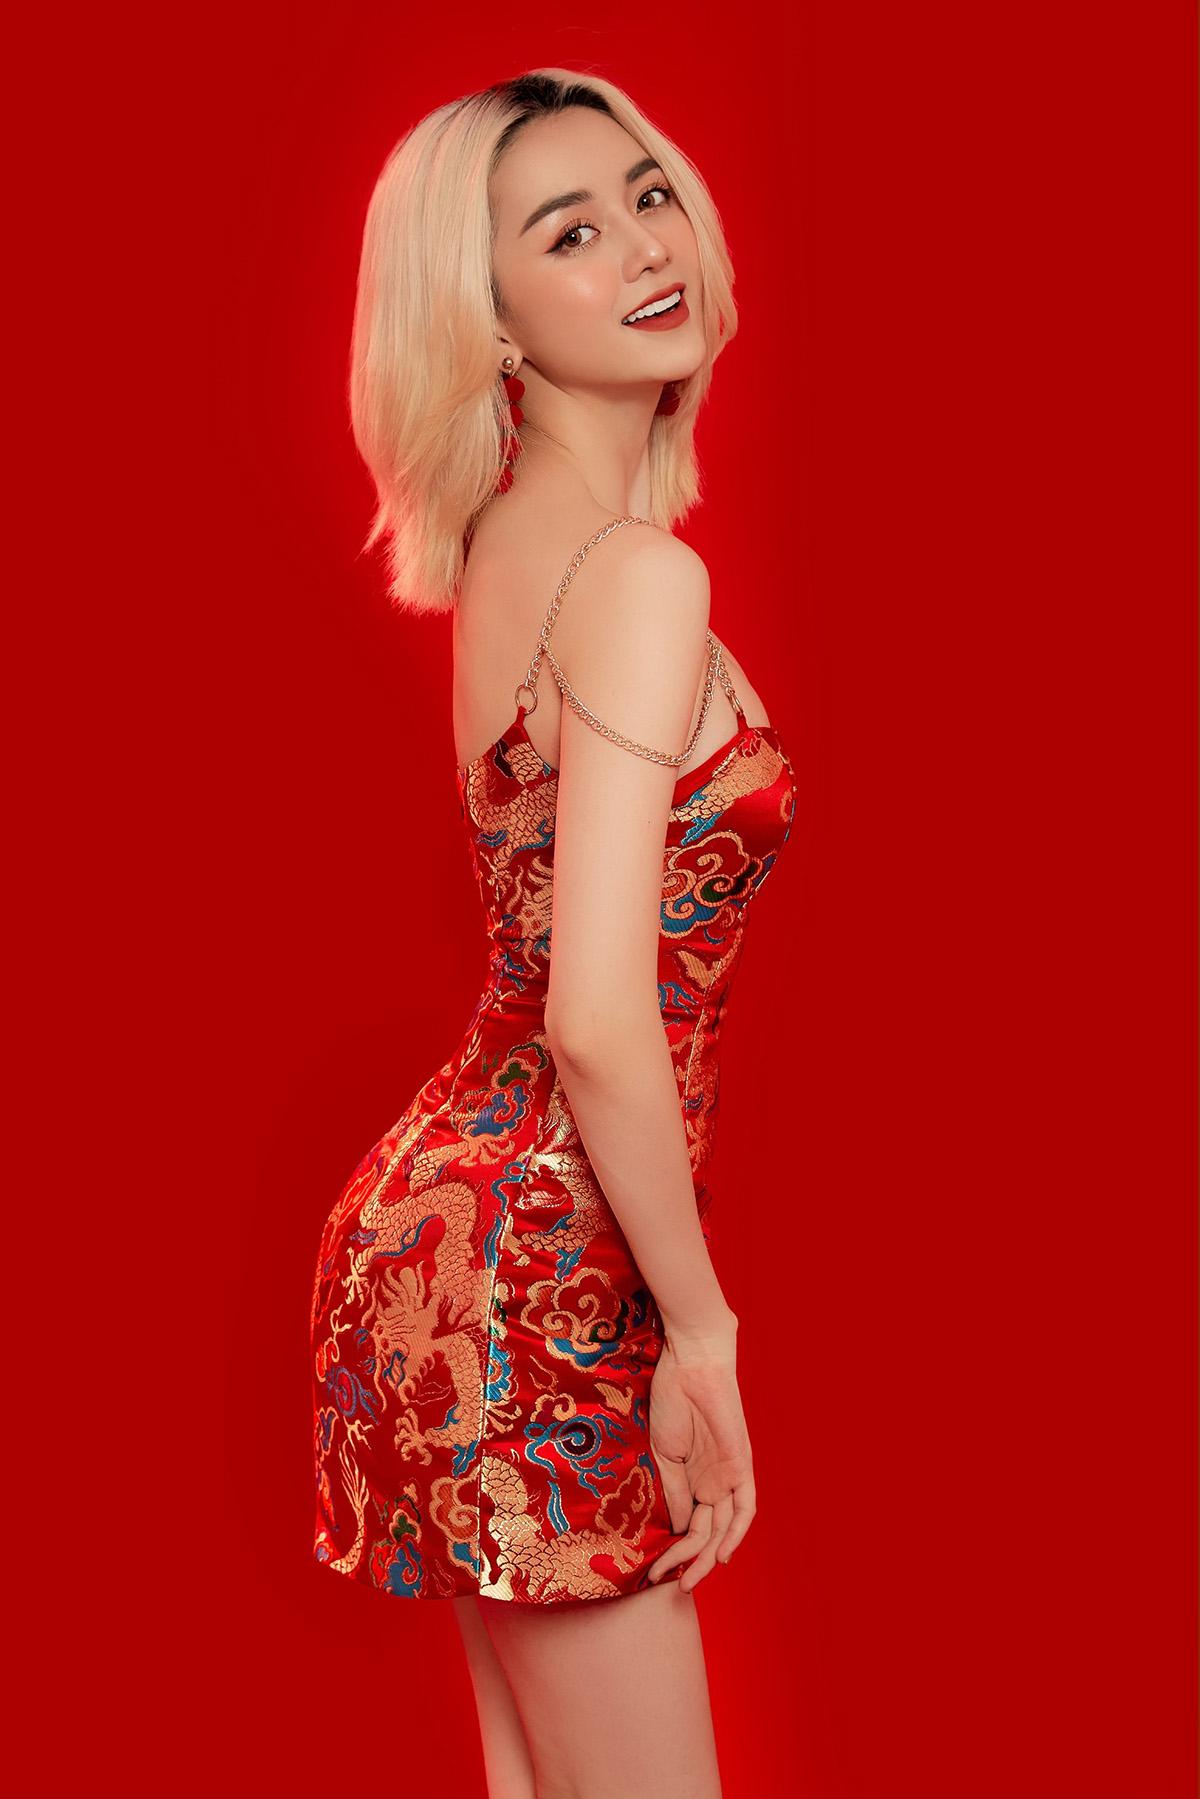 Thiều Bảo Trang quyến rũ trong chiếc đầm bó hở vai kết hợp cùng những họa tiết đạm chất Á Đông tạo nên tổng thể dễ chịu. Nữ ca sĩ khá táo bạo, phóng khoáng nhưng vẫn rất nữ tính, ngọt ngào luôn biết cách làm mới bản thân.